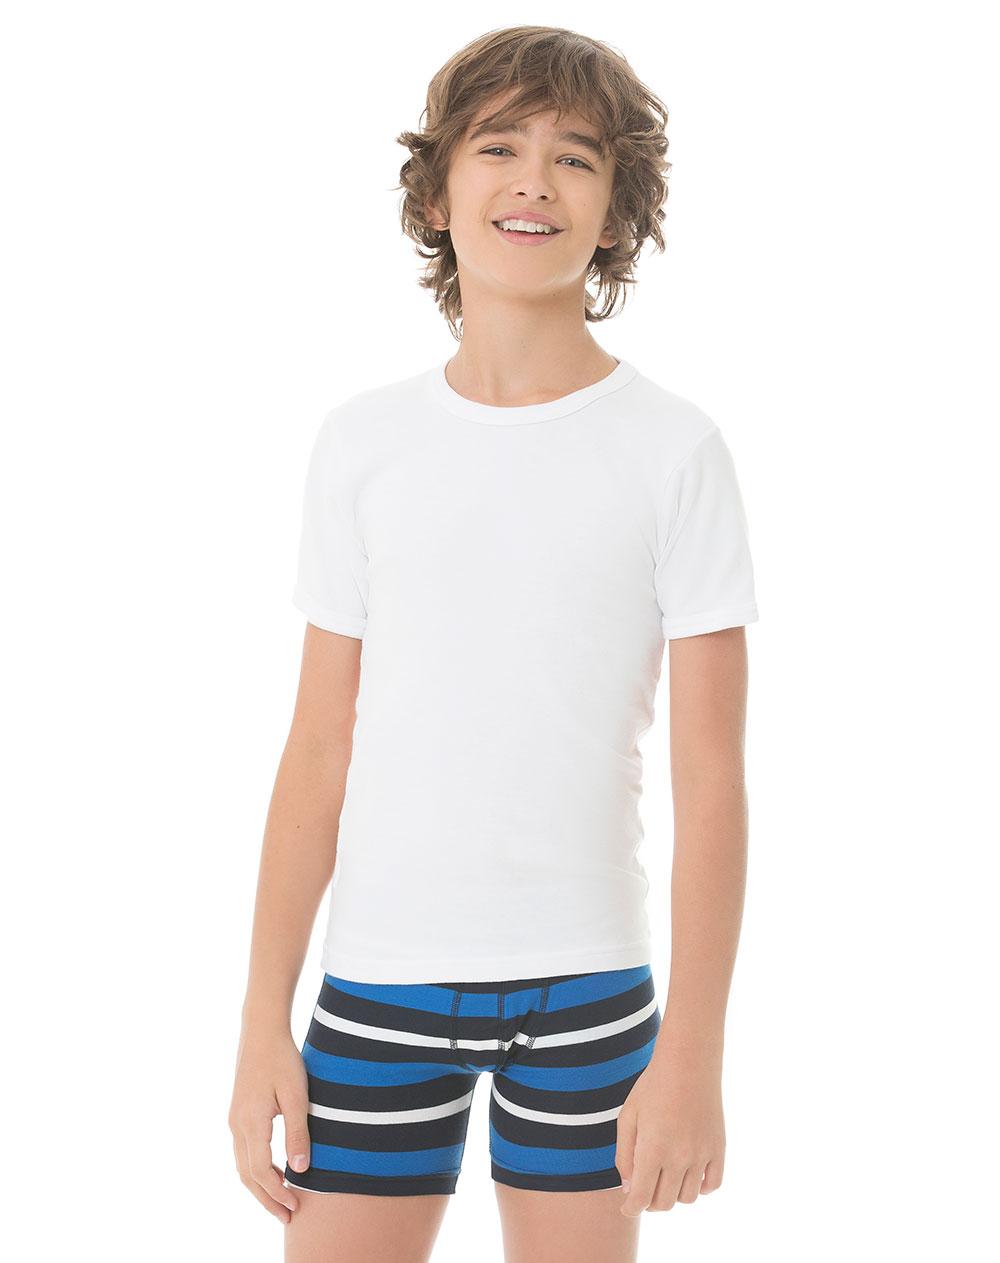 8a798958b Imagen para Camiseta para Niños Hercules Jr Alg Blanca de Gef